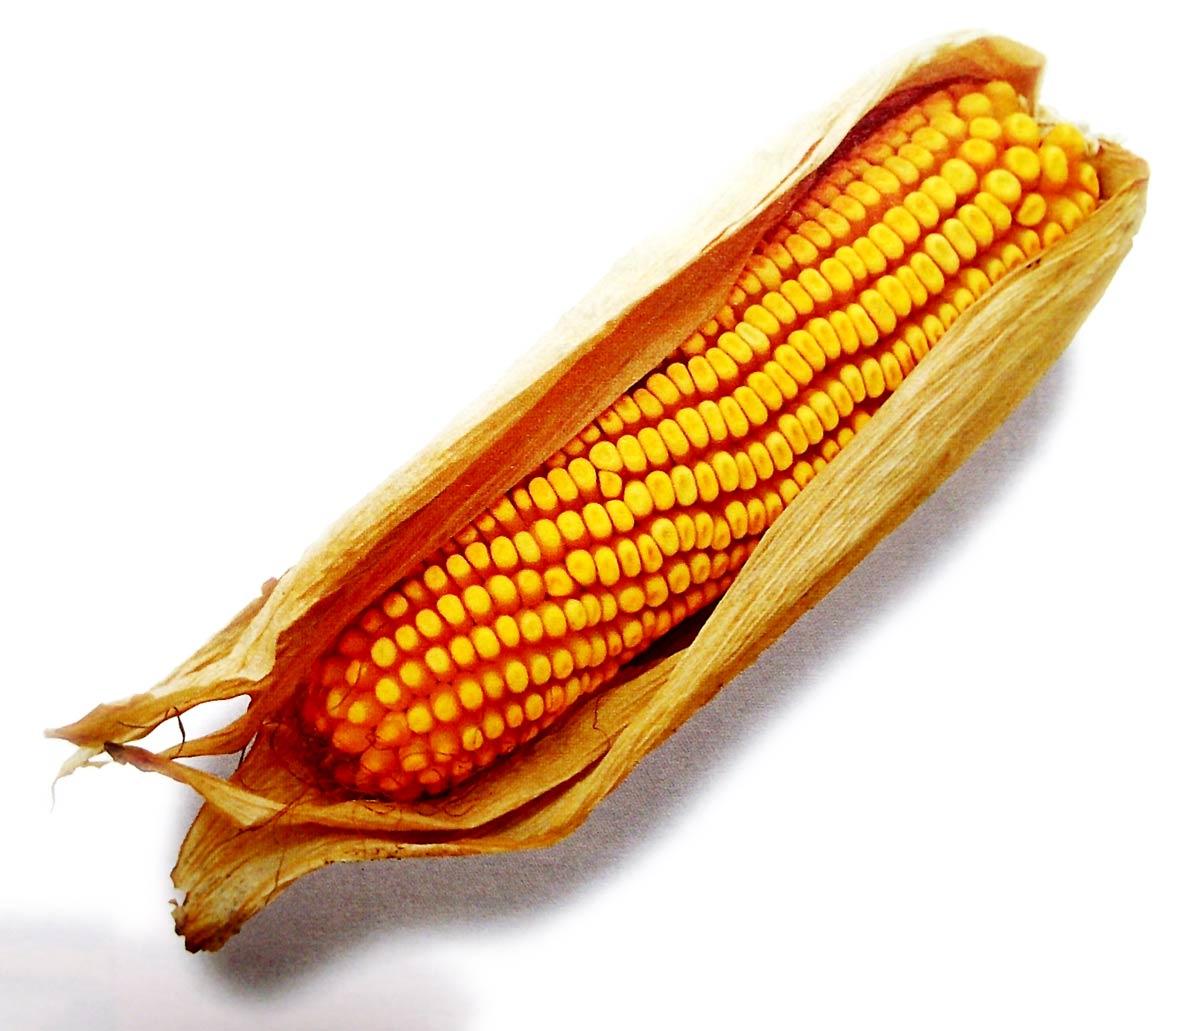 Ilustración gratis - Mazorca de maíz